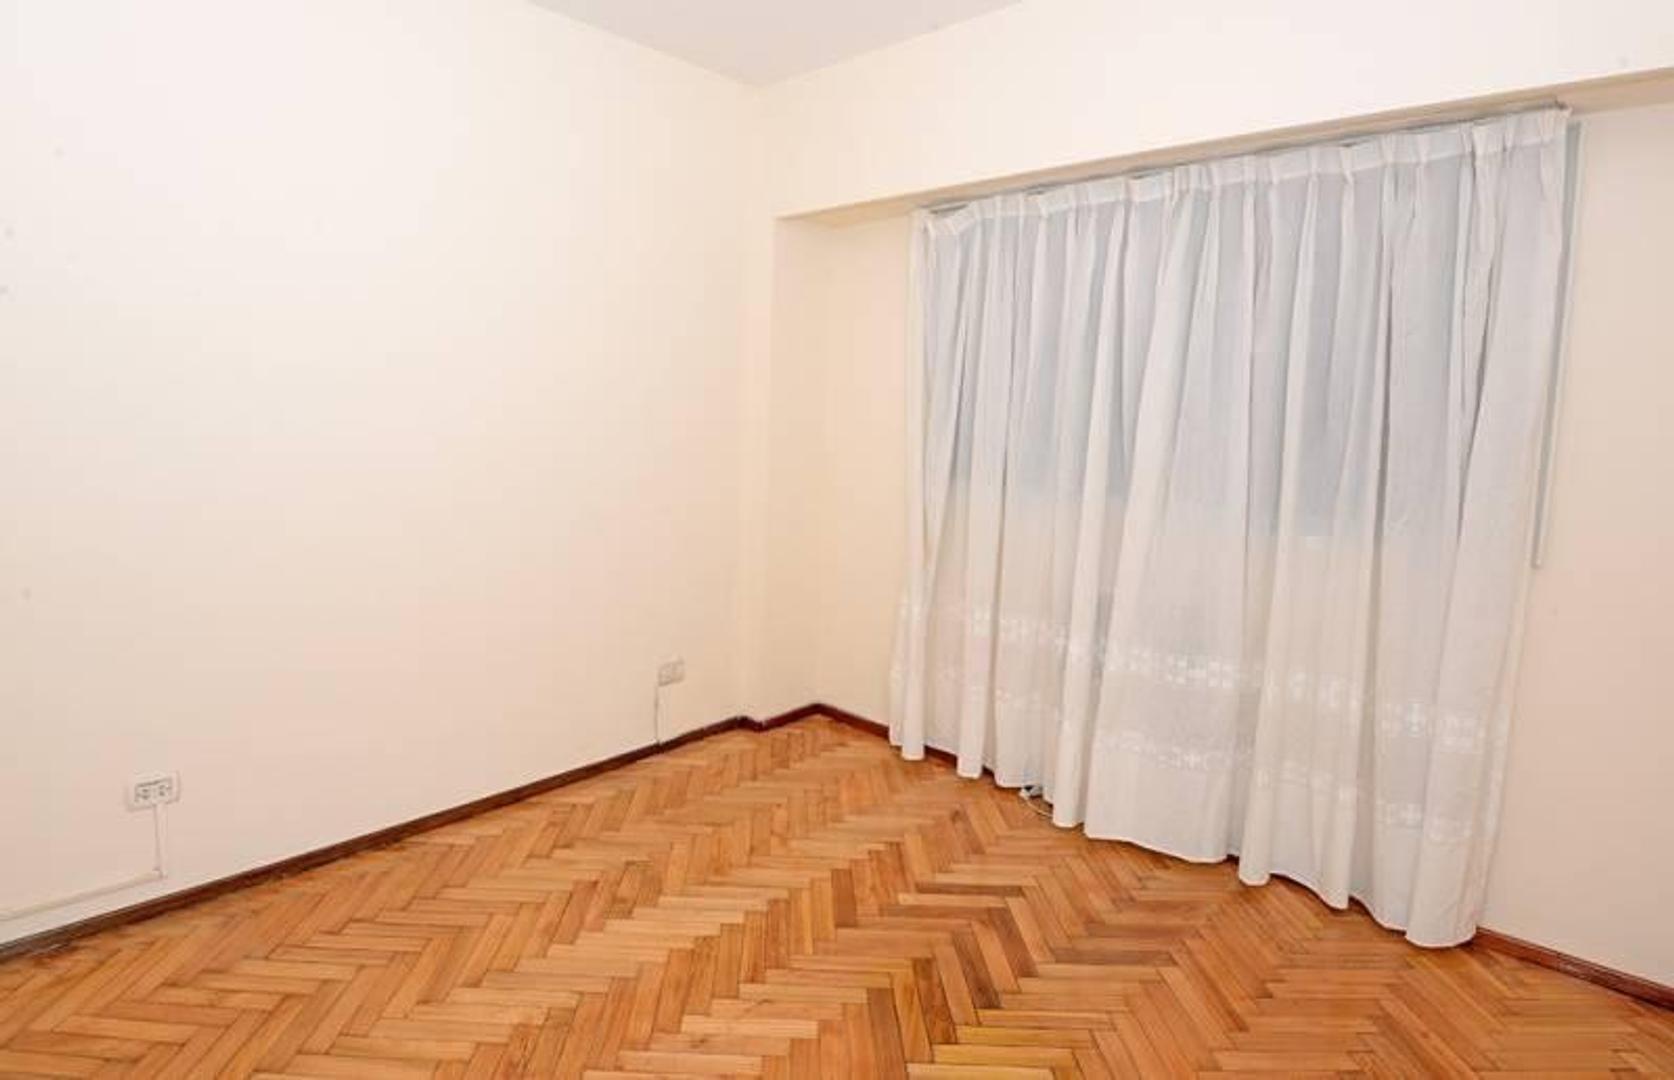 Departamento - 104 m²   3 dormitorios   35 años